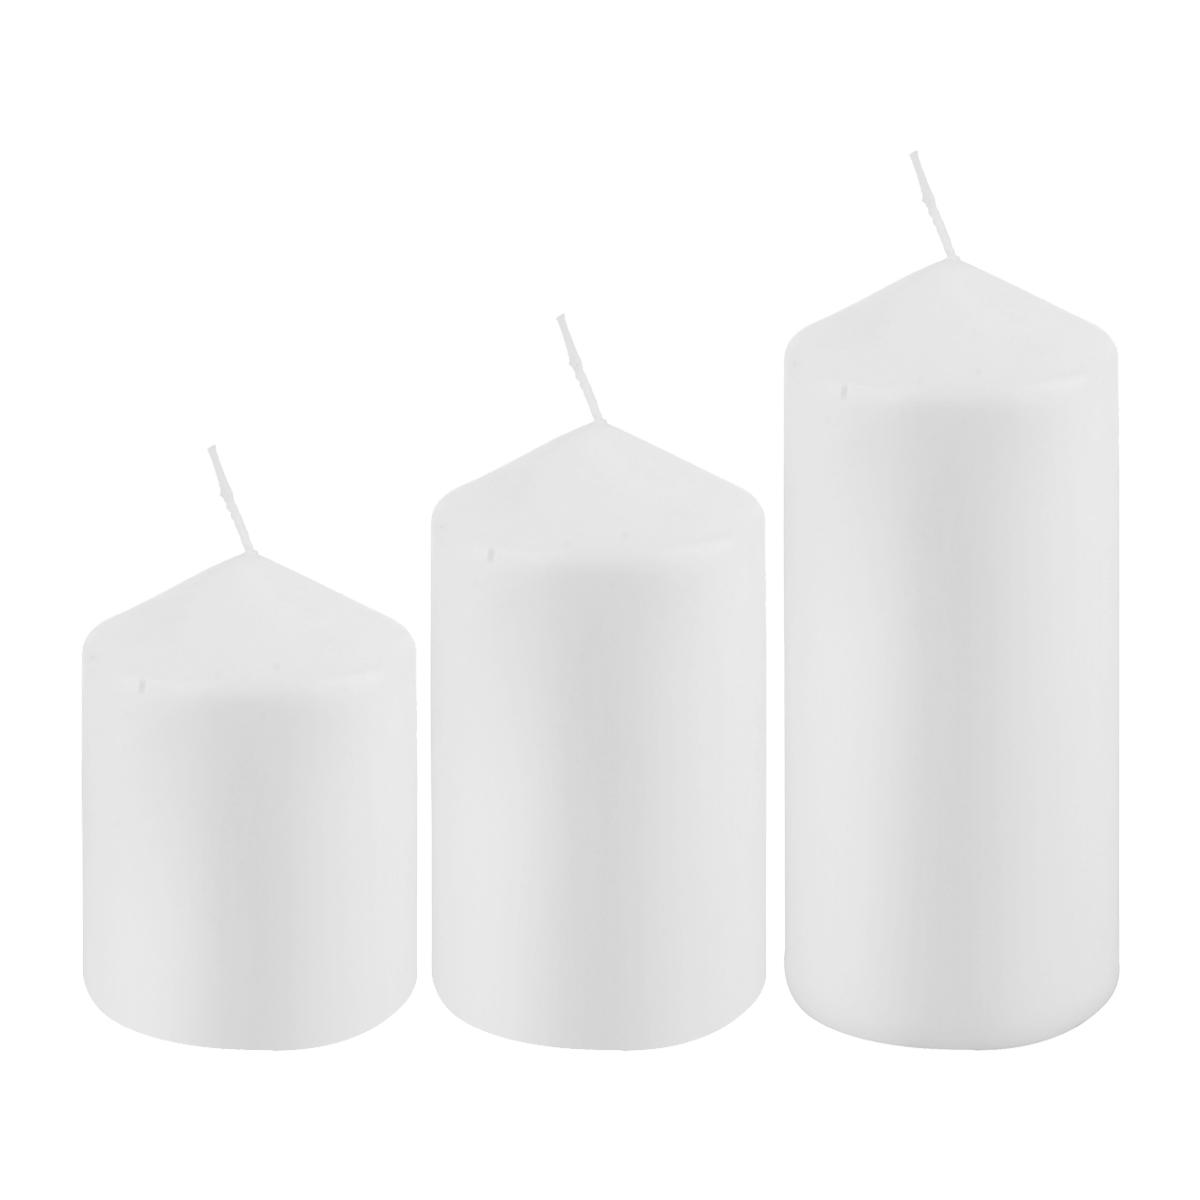 شمعة بدون رائحة  لون ابيض طقم 3 حبة دائري